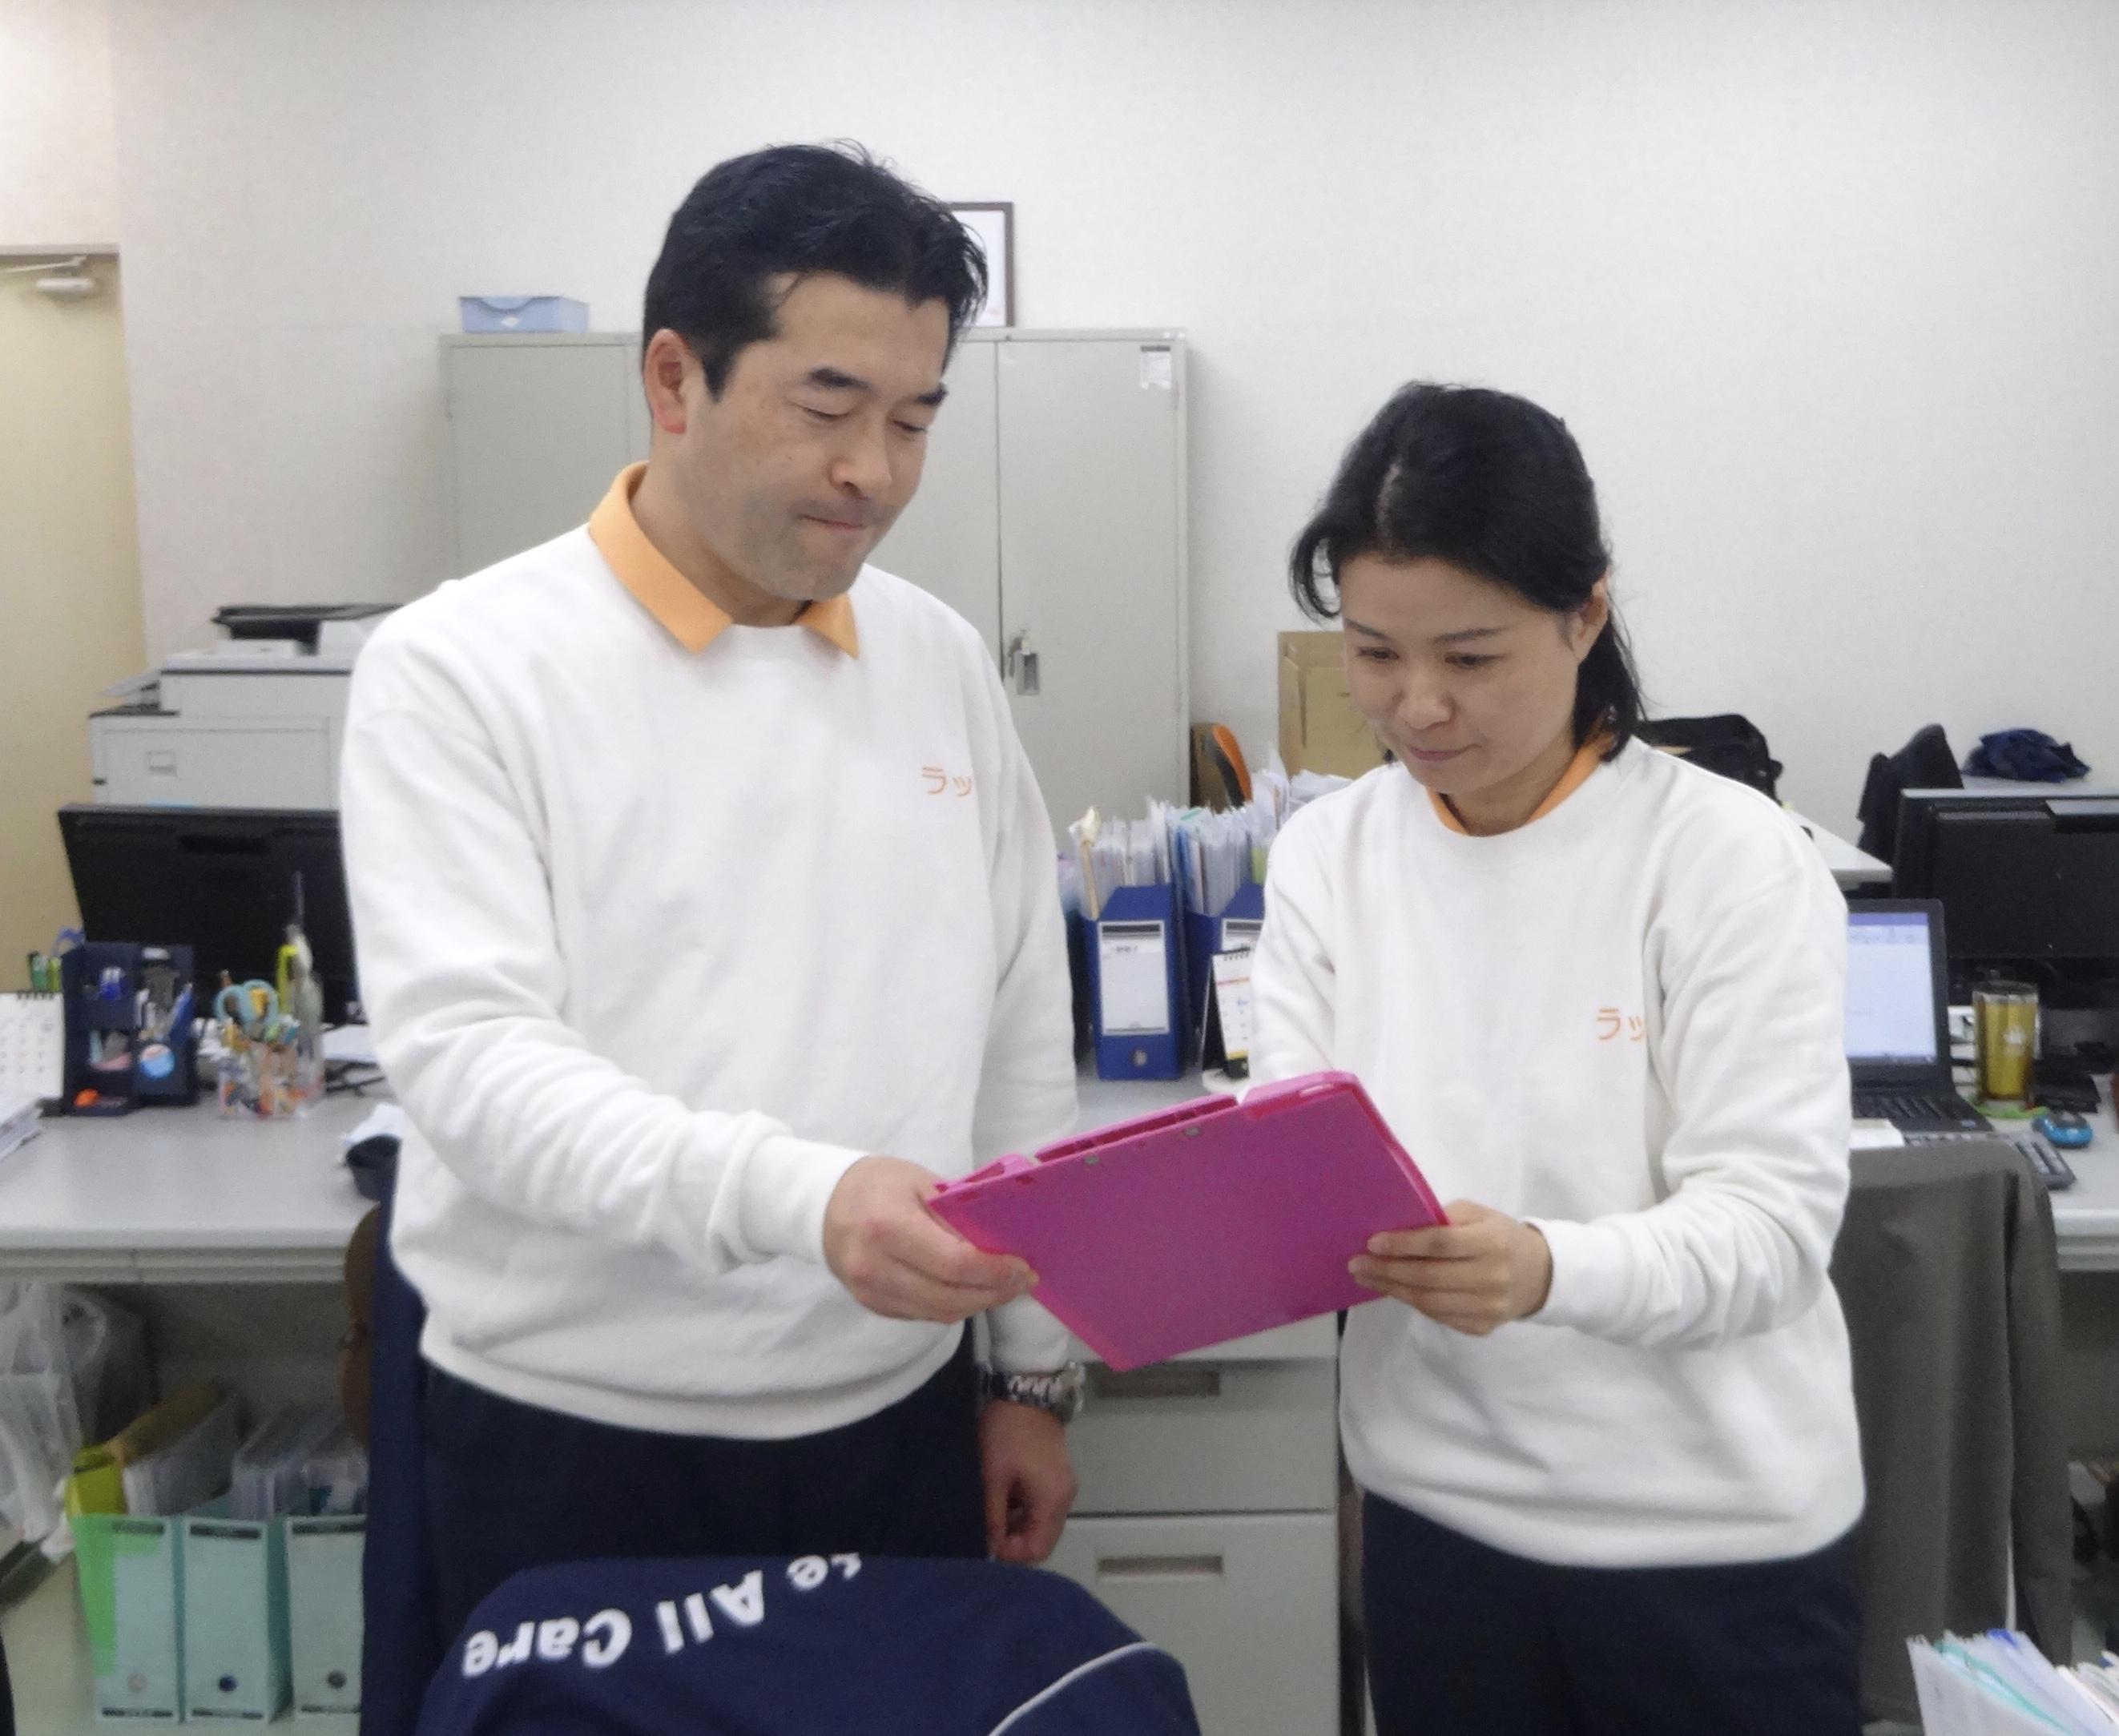 「自慢のスタッフ紹介コーナー♪」福祉用具専門相談員編